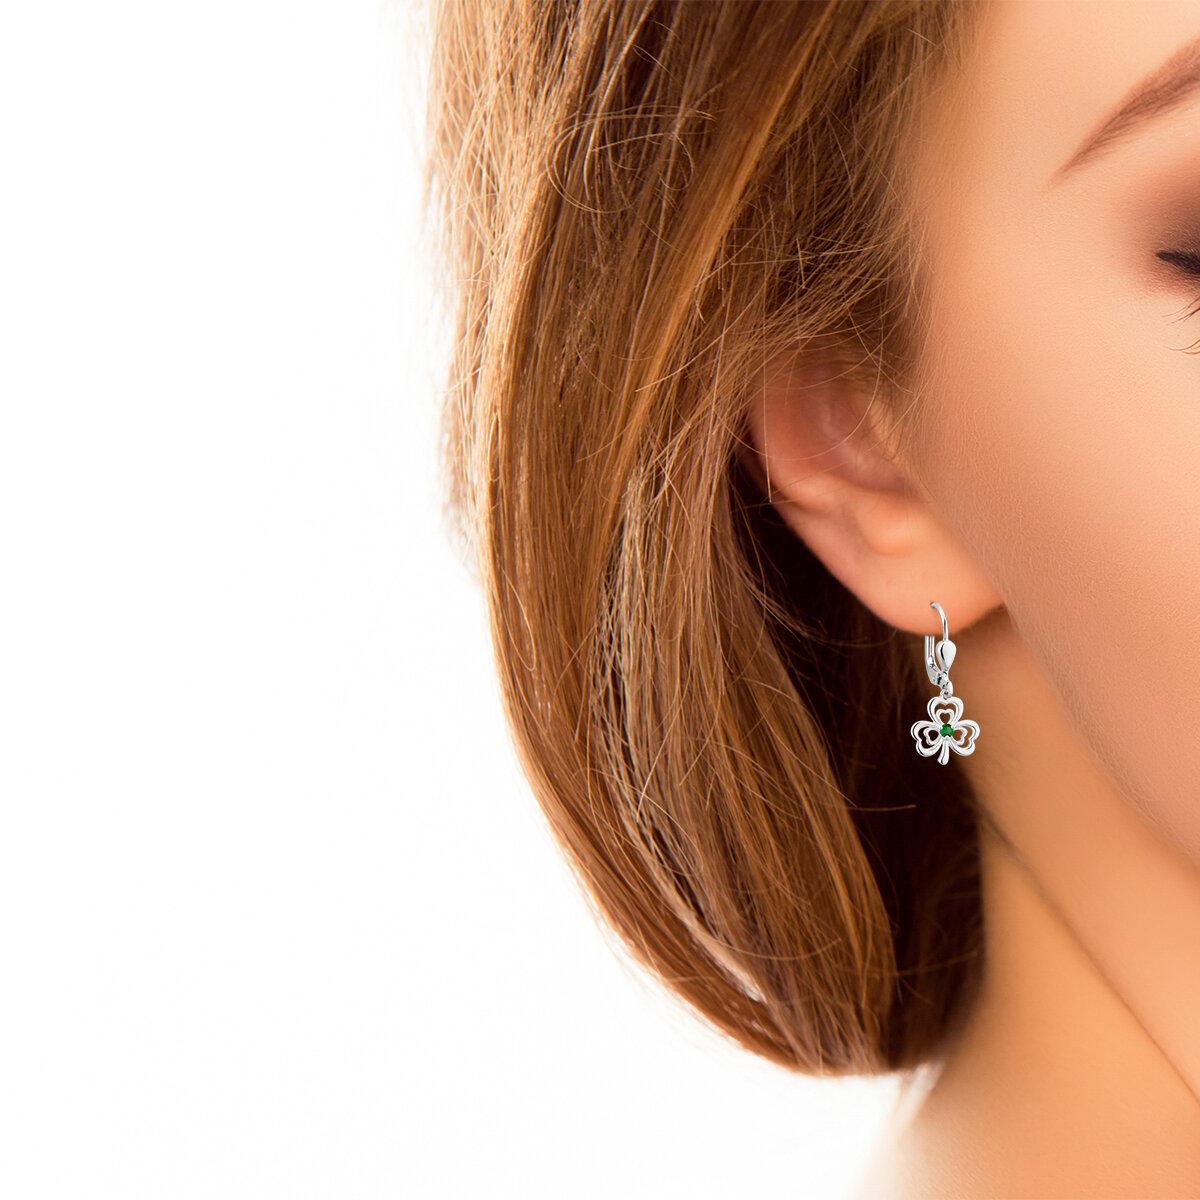 silver green crystal shamrock drop earrings S33913 presented on a model